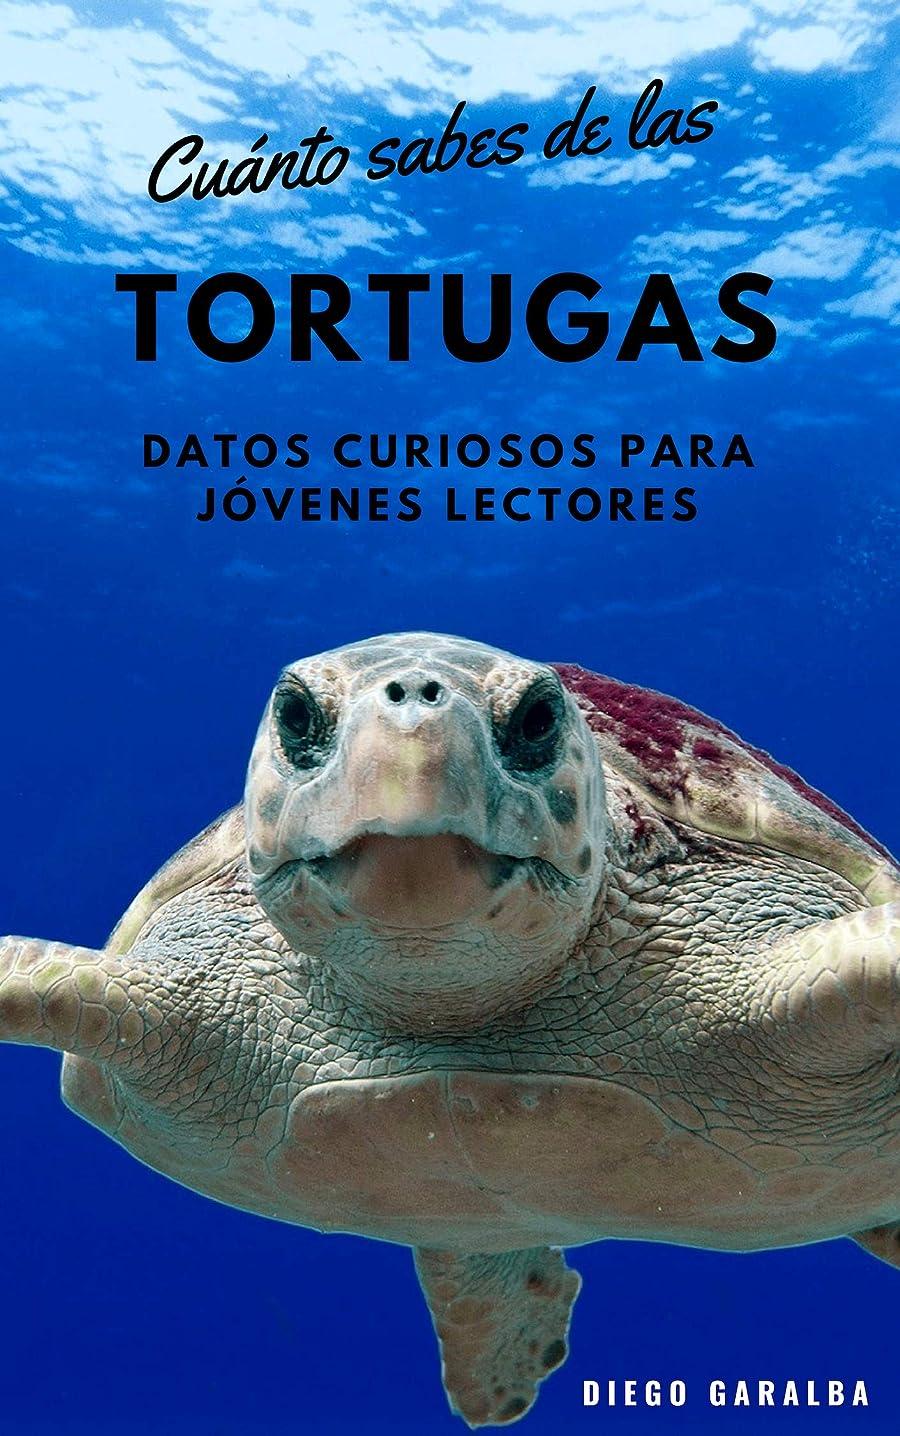 ブームちょっと待って価値のない?CUáNTO SABES DE LAS TORTUGAS?: Datos curiosos para jóvenes lectores. Con fotografías impactantes. (?Cuánto sabes de...? no 5) (Spanish Edition)